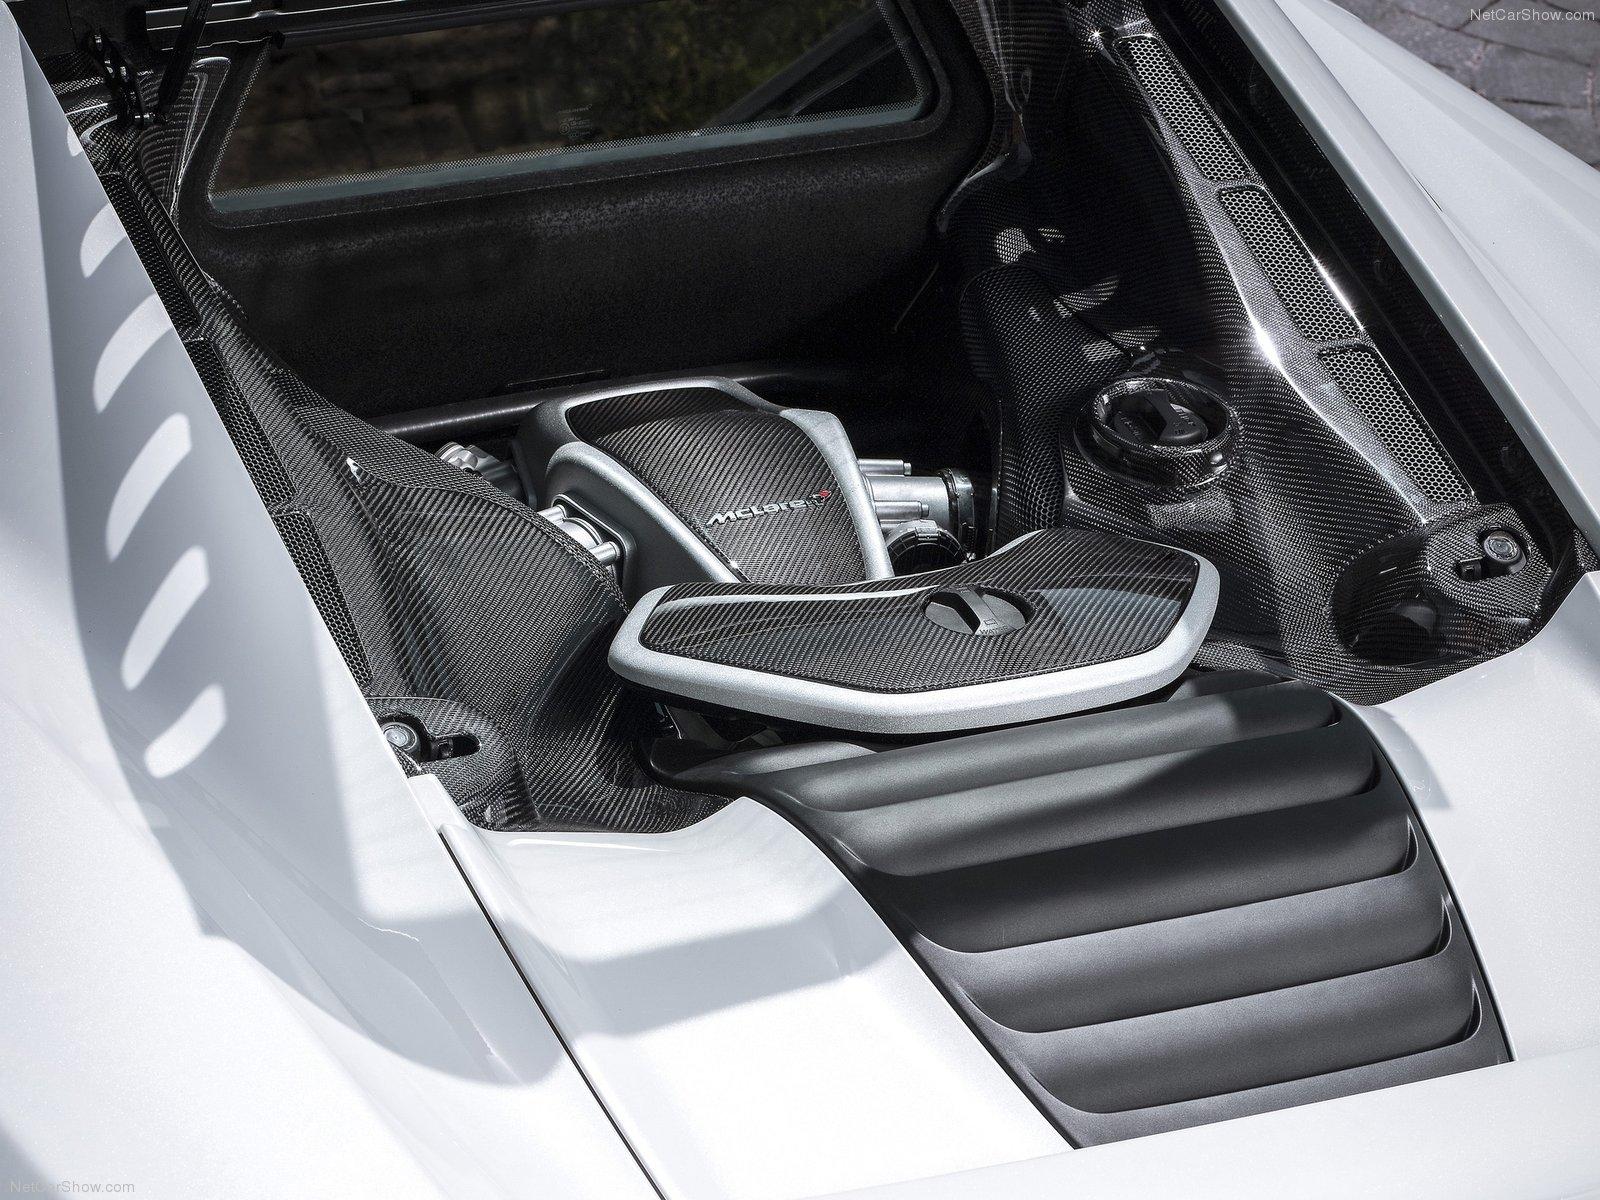 Hình ảnh siêu xe McLaren MP4-12C 2013 & nội ngoại thất